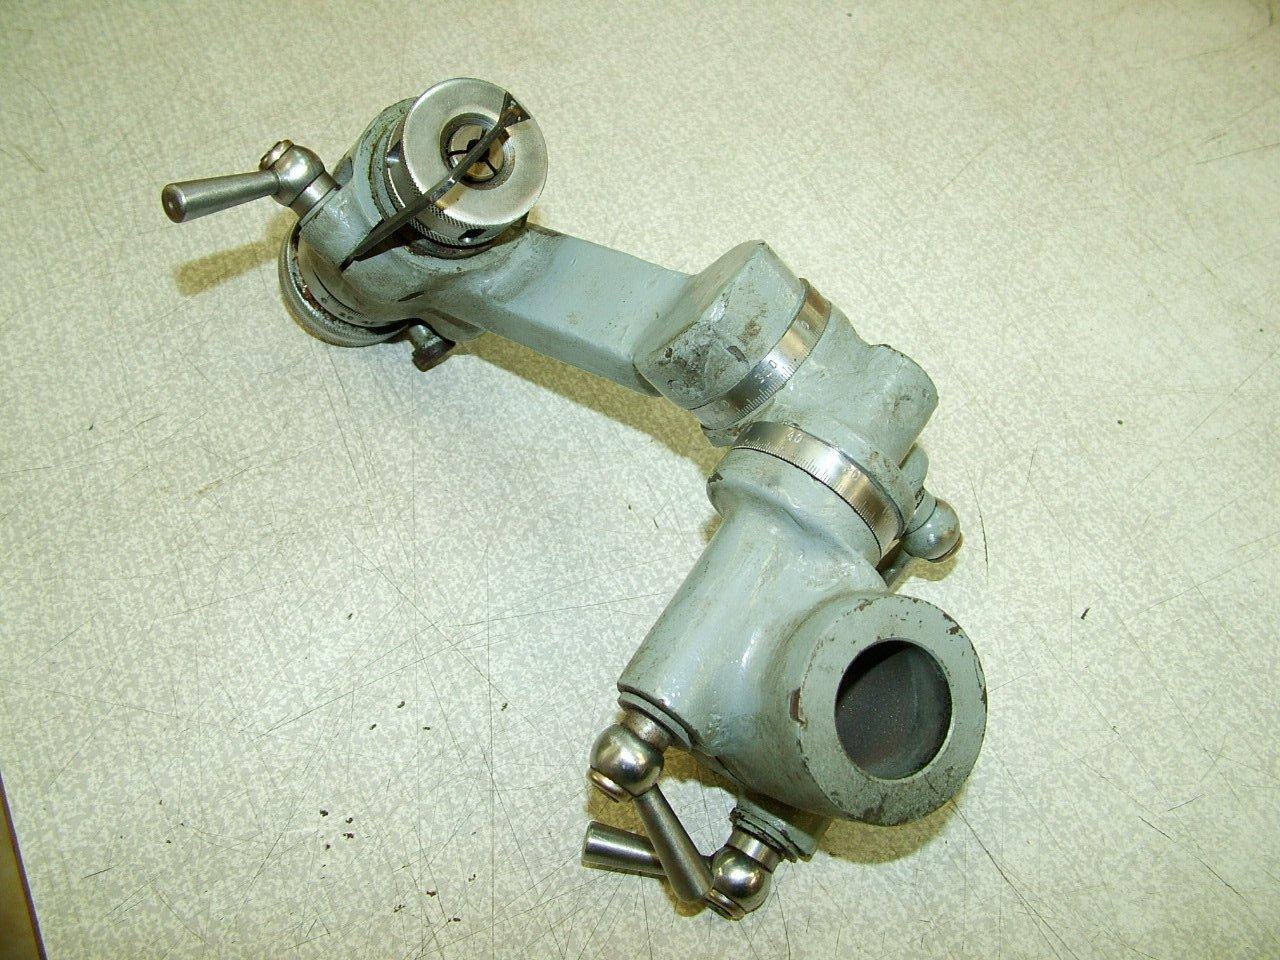 DSCF1255.JPG